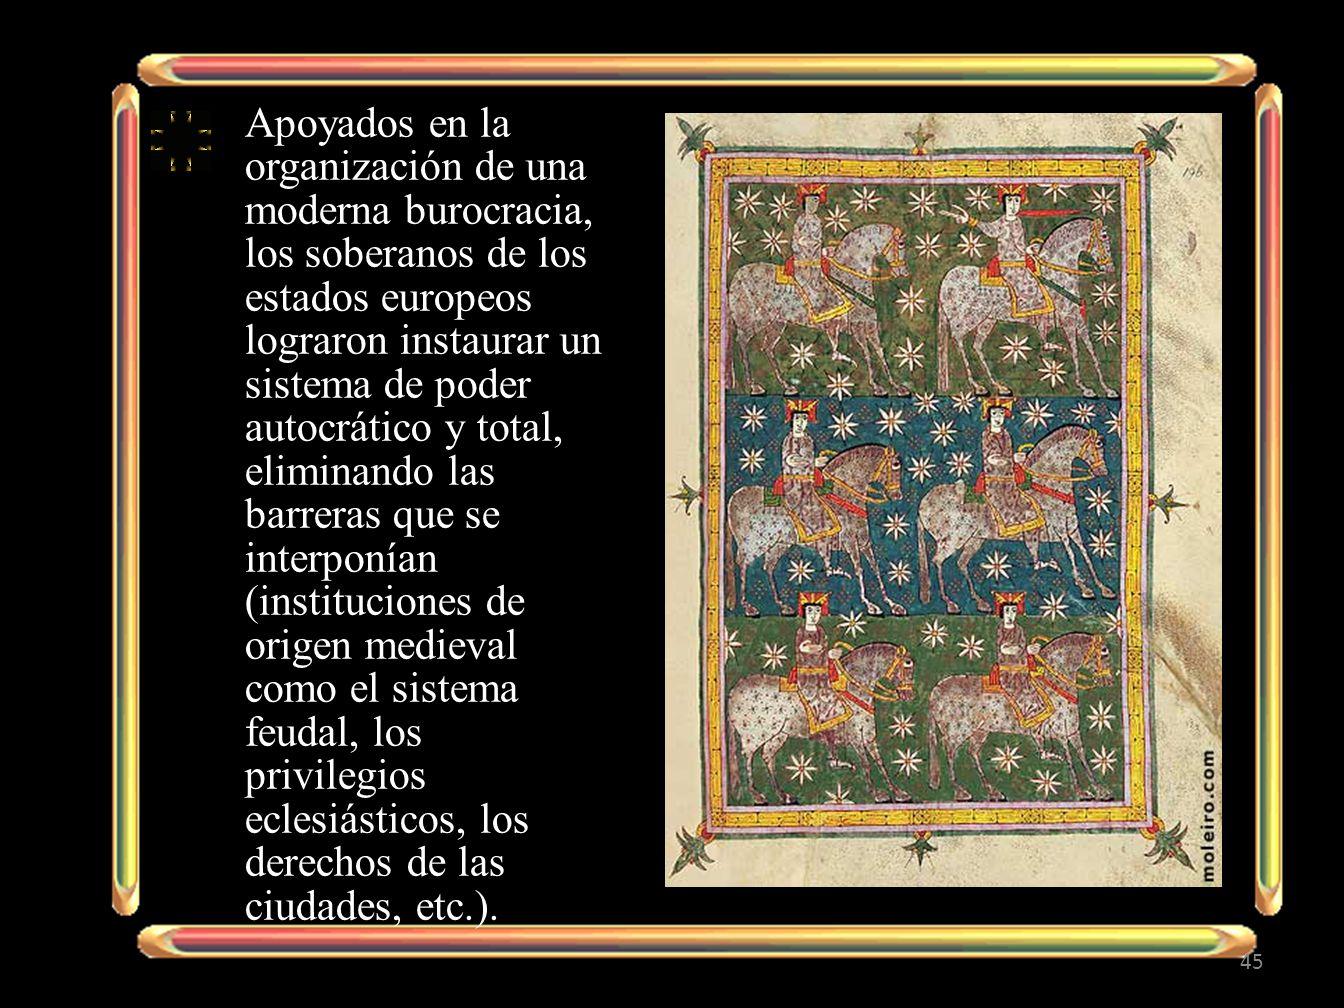 Apoyados en la organización de una moderna burocracia, los soberanos de los estados europeos lograron instaurar un sistema de poder autocrático y total, eliminando las barreras que se interponían (instituciones de origen medieval como el sistema feudal, los privilegios eclesiásticos, los derechos de las ciudades, etc.).